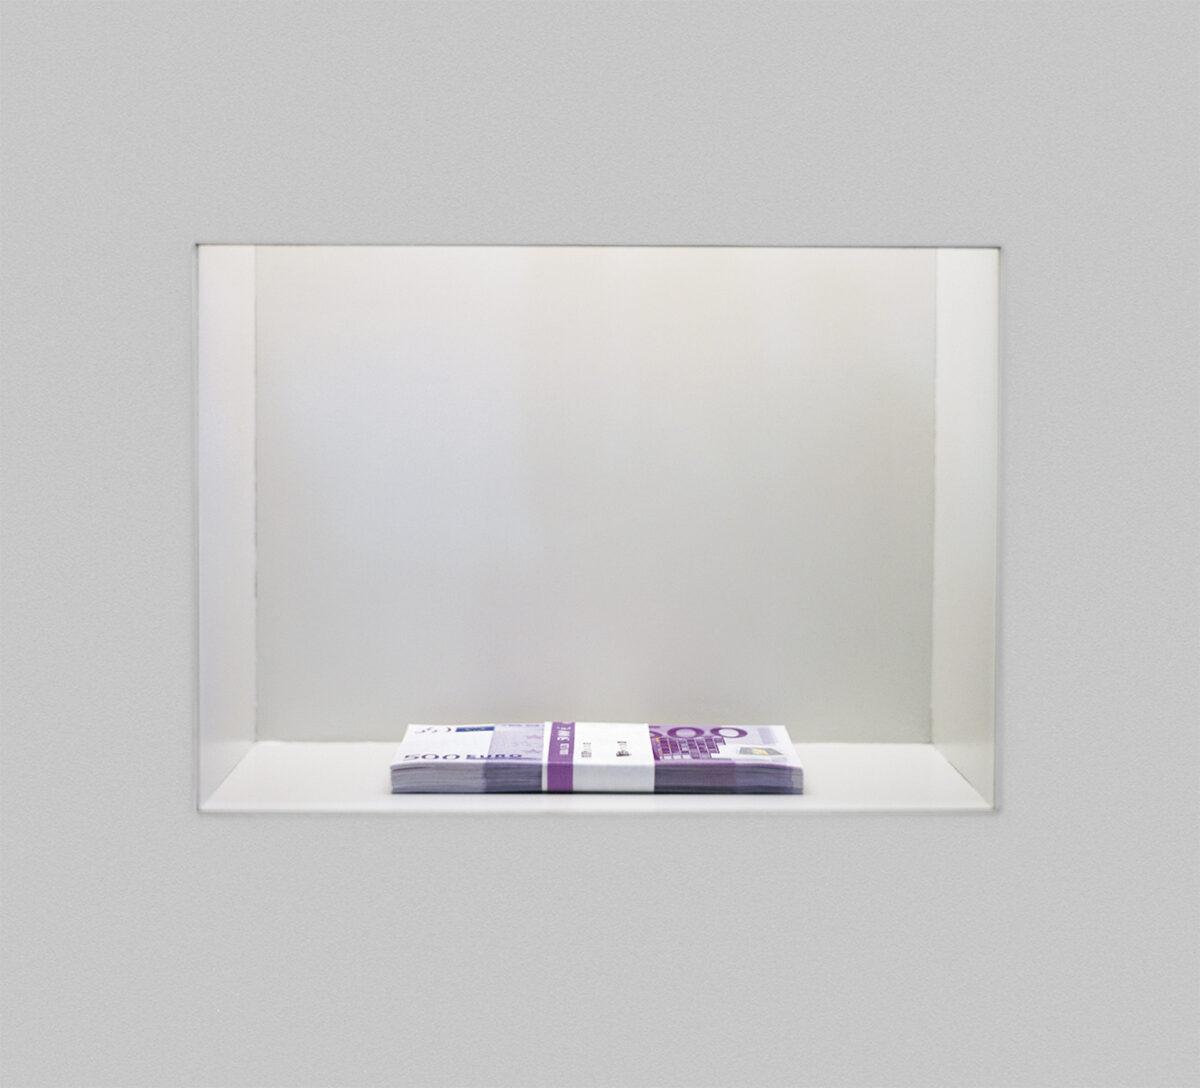 Maria Eichhorn, Maria Eichhorn Aktiengesellschaft, 2002, Detail, Ausstellungsansicht, Documenta11, Fridericianum, Kassel, © Maria Eichhorn / VG Bild-Kunst, Bonn 2021, Foto: Werner Maschmann